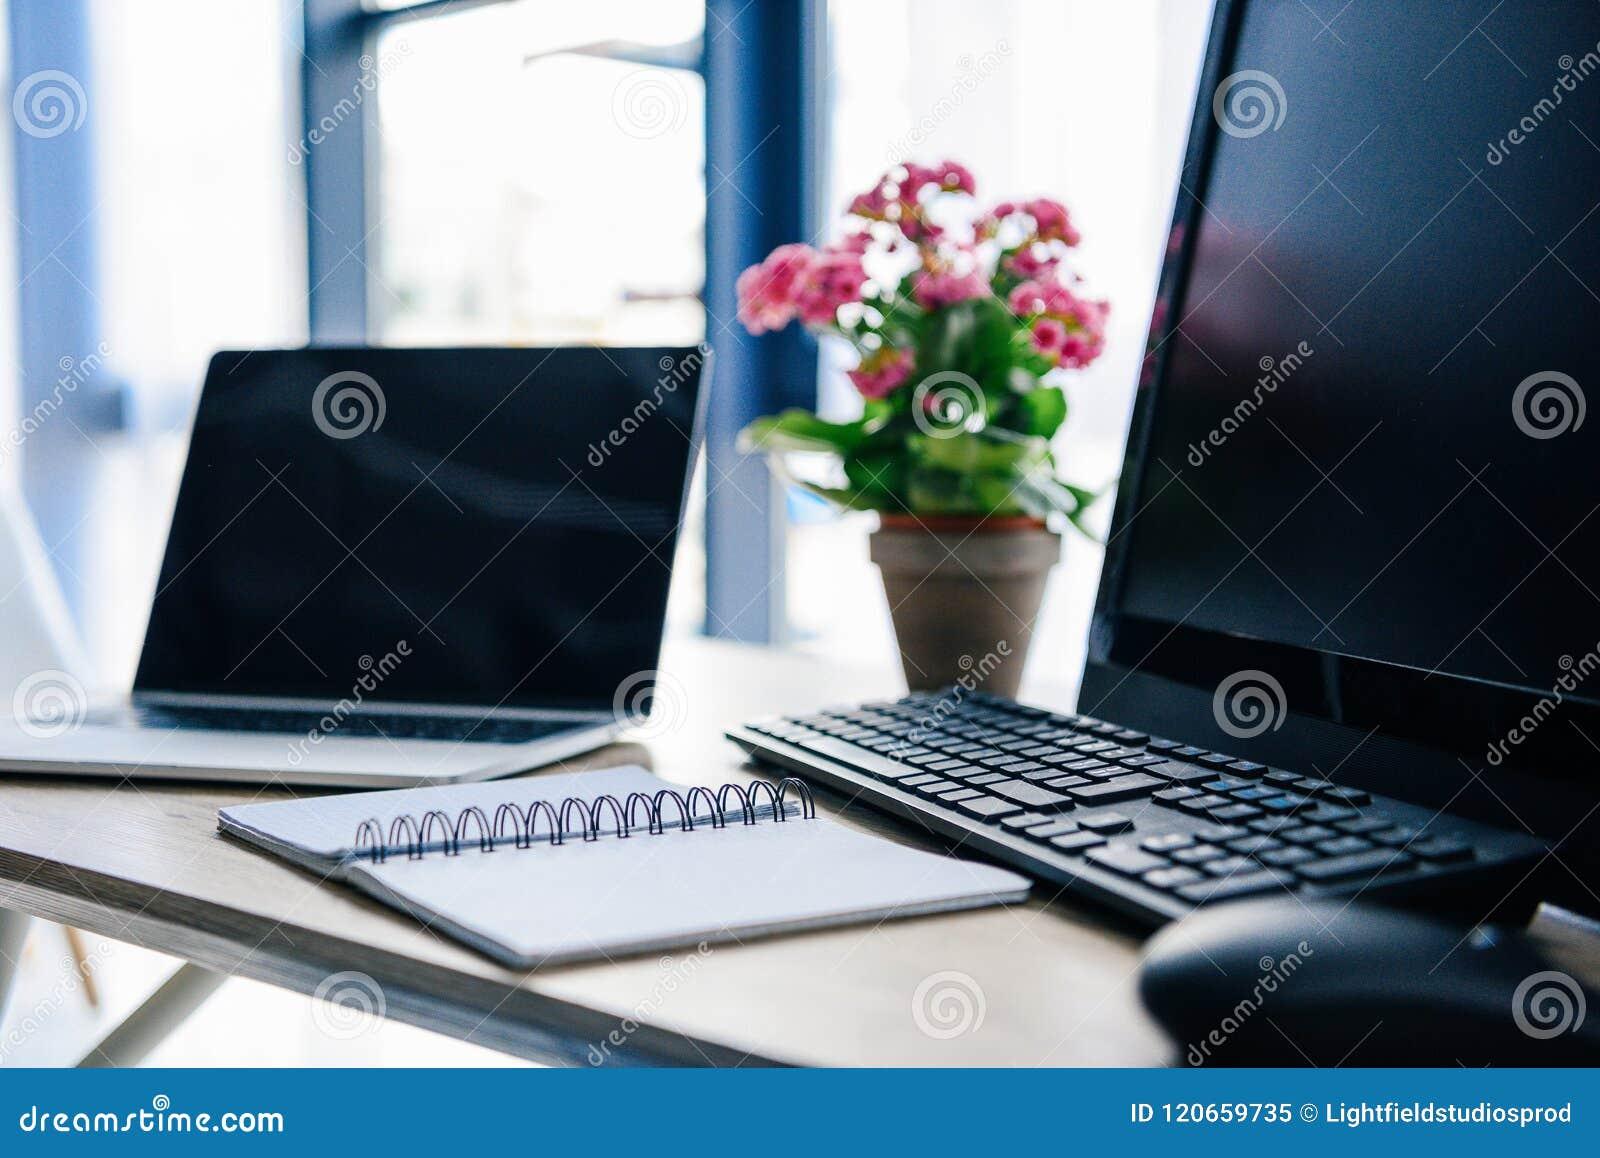 близкий поднимающий вверх взгляд пустого учебника, ноутбука, цветков в баке, компьютера, клавиатуры компьютера и мыши компьютера